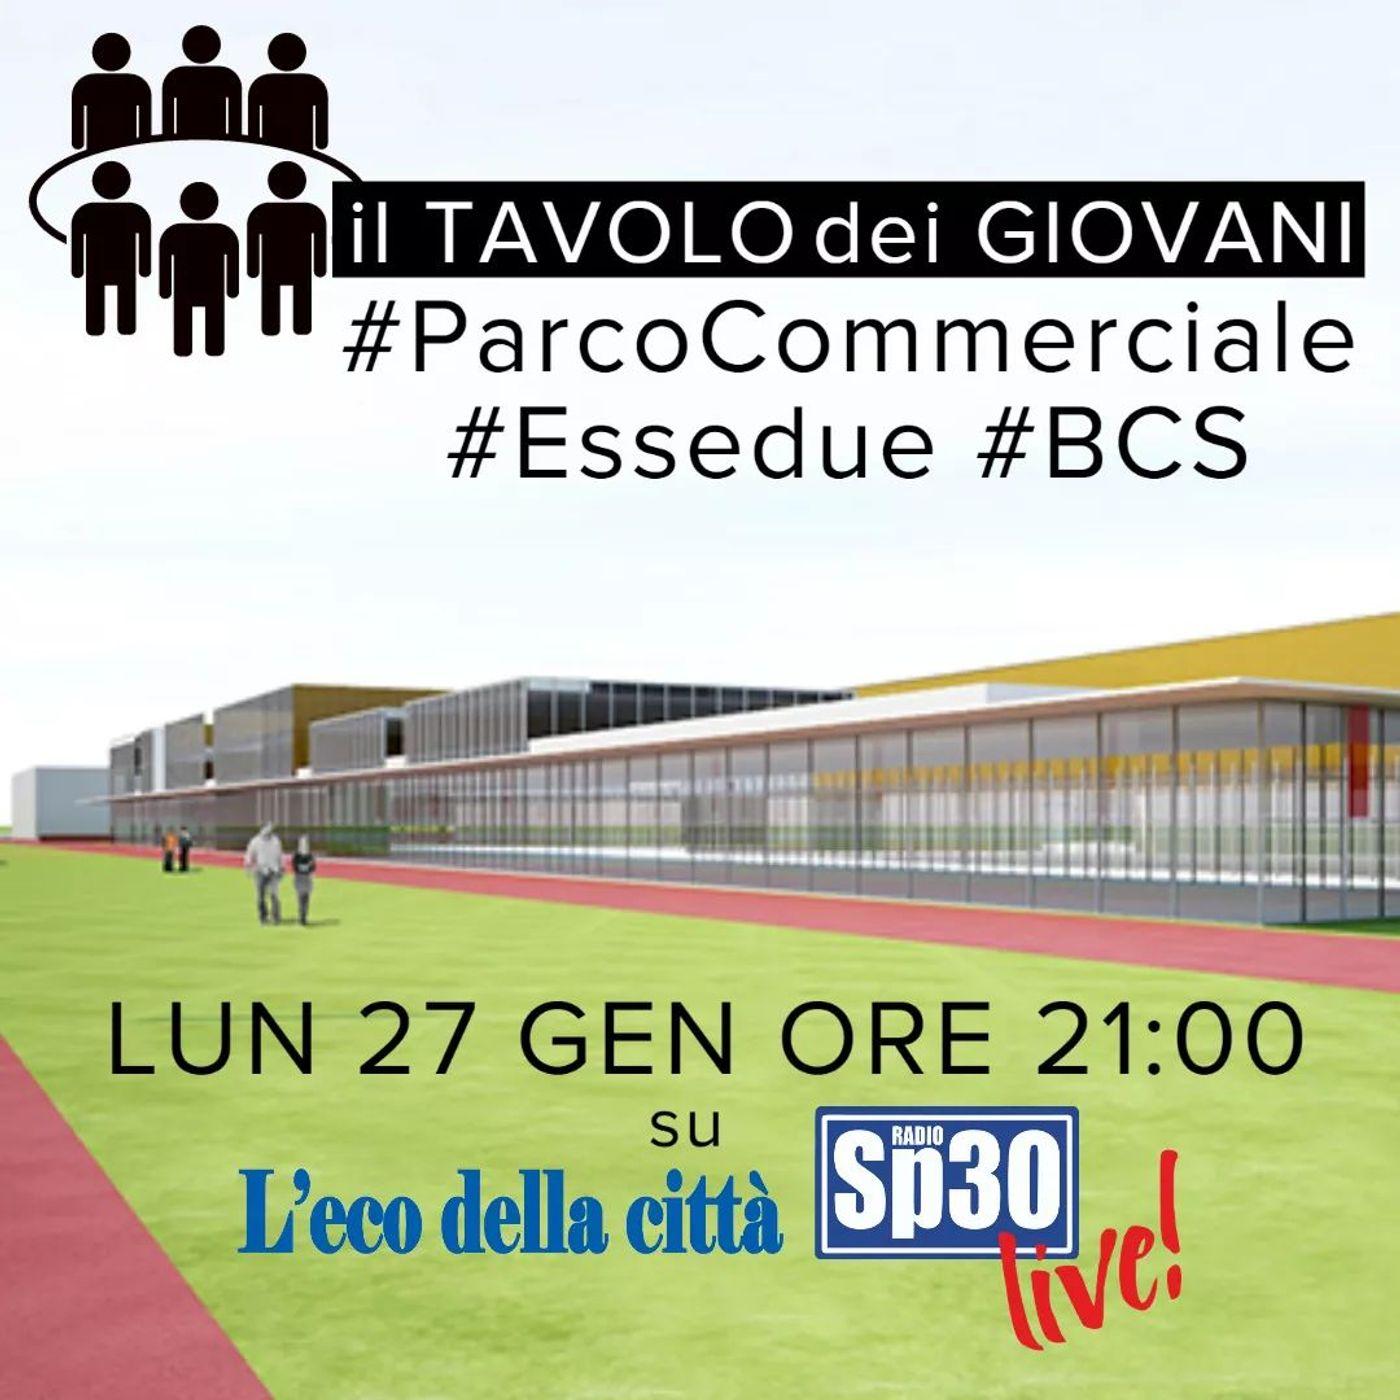 Il TAVOLO dei GIOVANI: #ParcoCommerciale #Essedue #BCS